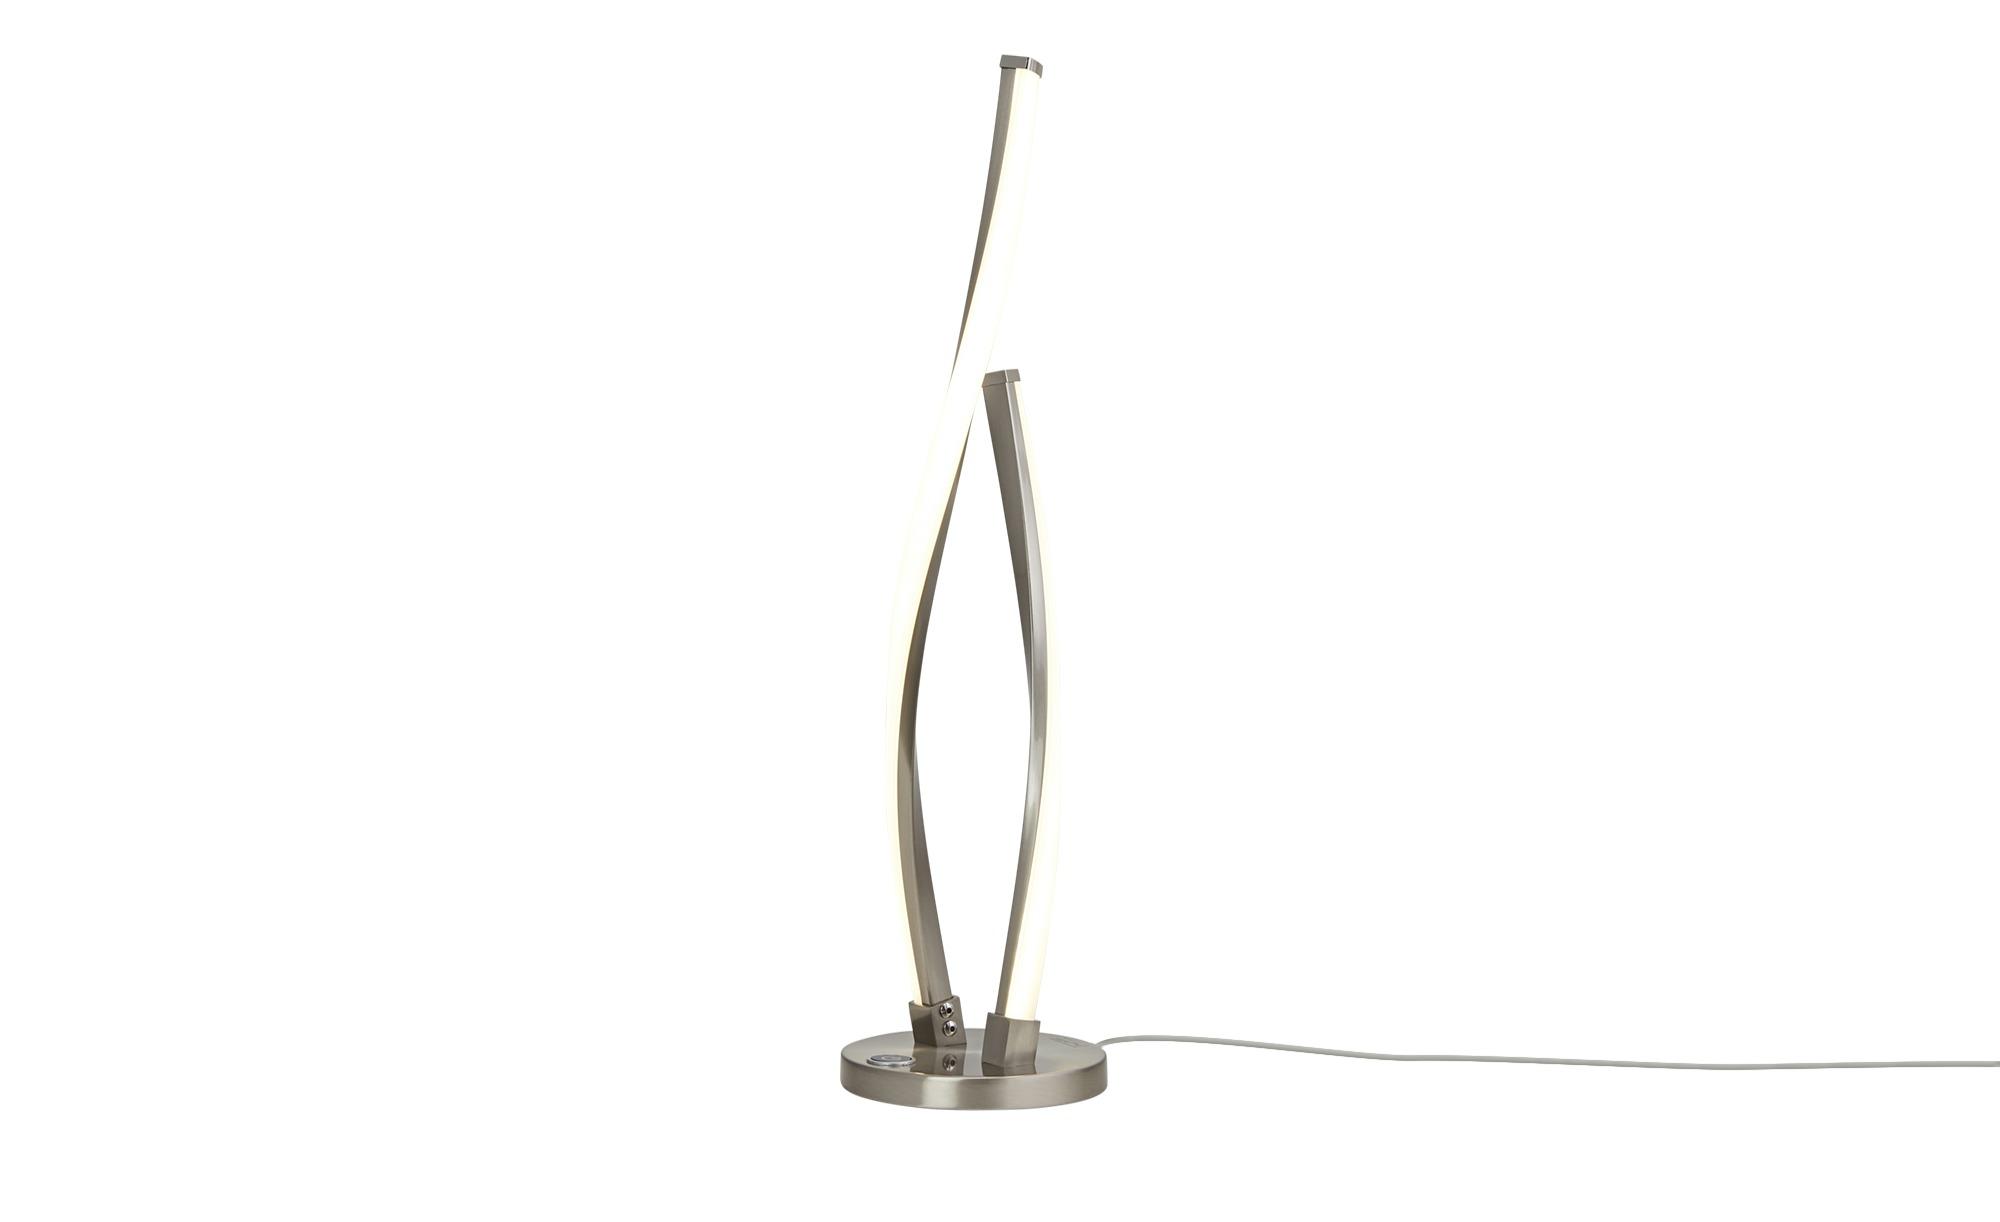 Paul Neuhaus LED-Tischleuchte, 2-flammig, geschwungen ¦ silber ¦ Maße (cm): H: 48,5 Lampen & Leuchten > Innenleuchten > Tischlampen - Höffner